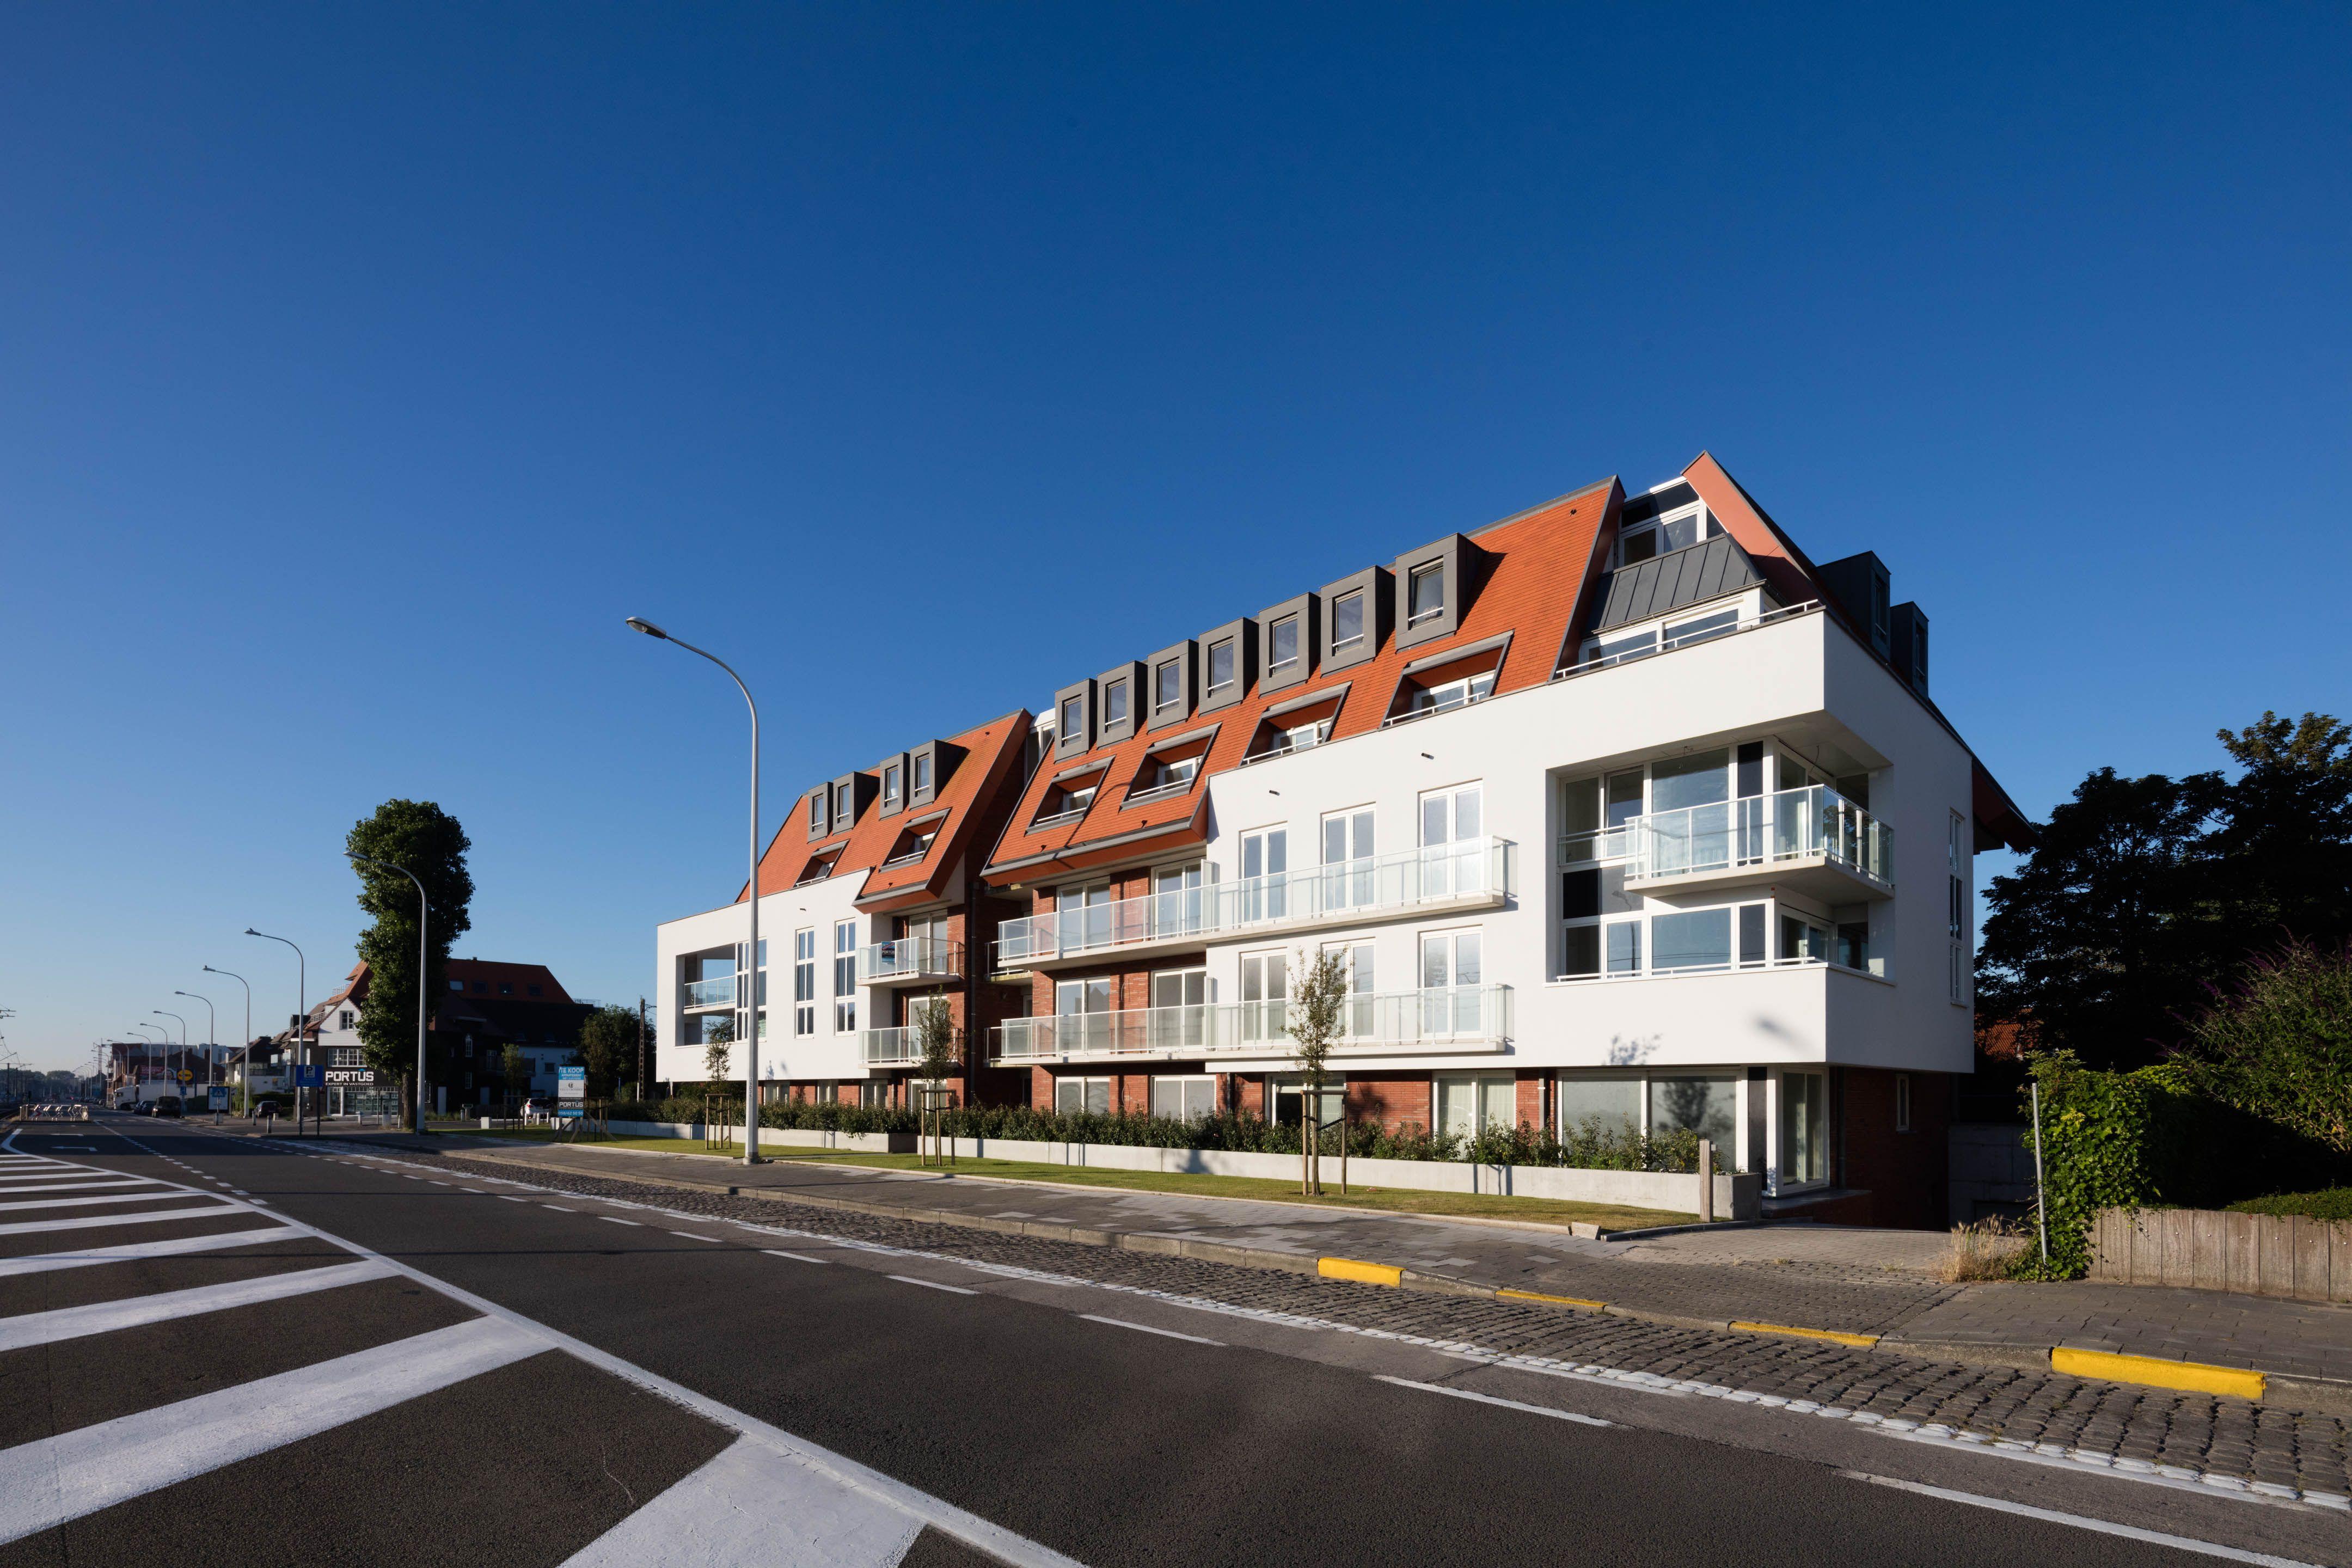 Appartement Residentie Villa Crombez Nieuwpoort - 9309